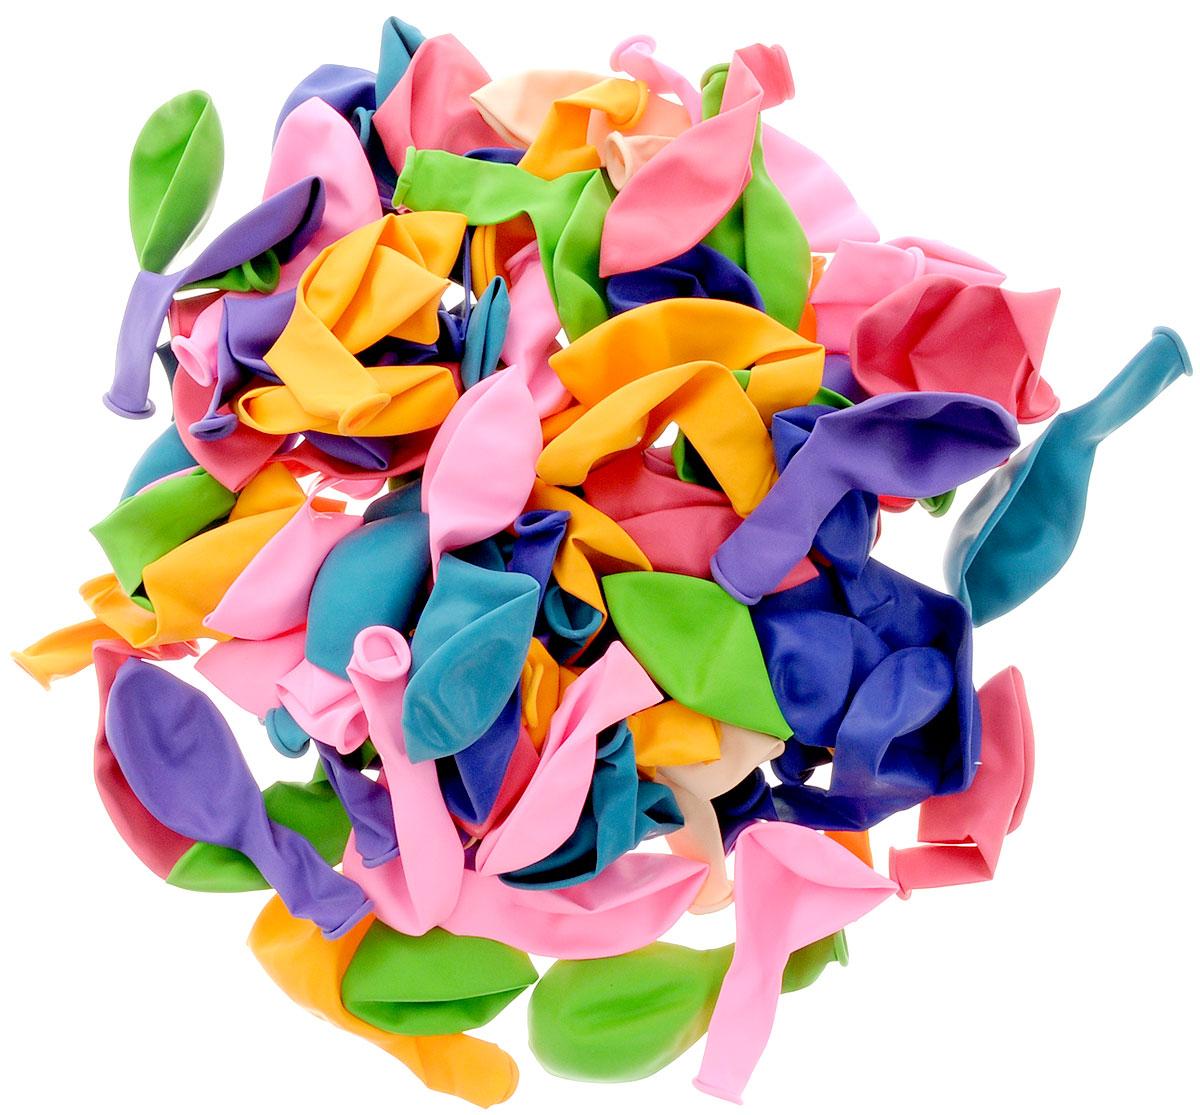 Action! Шары воздушные 25 см 100 штAPI0062/MНабор воздушных шаров Action! включает в себя 100 разноцветных шариков округлой формы. Изготовлены из прочного натурального латекса. Воздушные шарики помогут украсить место вашего праздника или праздничный стол. Эти яркие праздничные аксессуары поднимут настроение вам и вашим гостям!